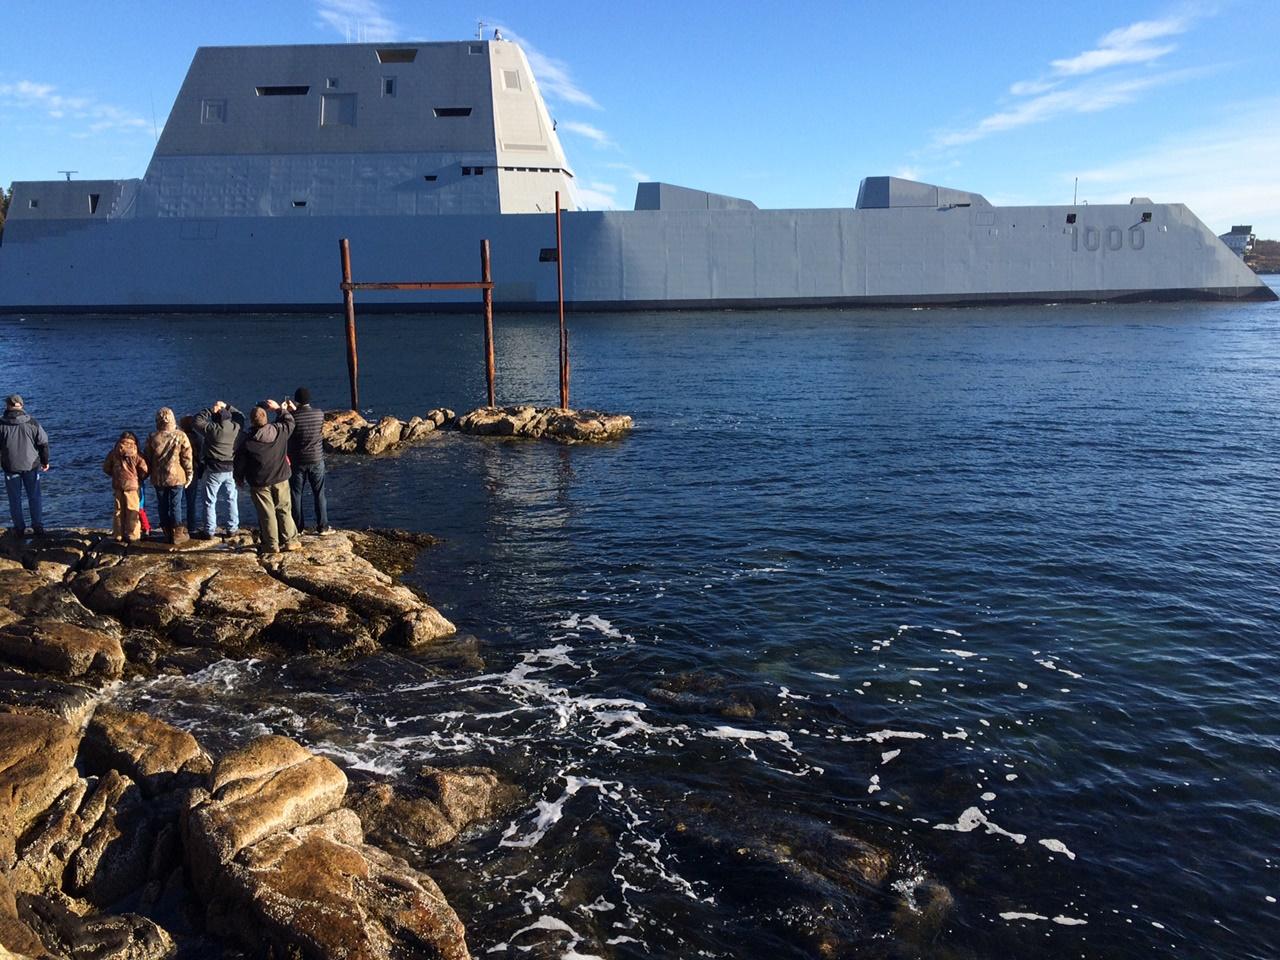 James Kirk kapitánnyal a fedélzeten vízre bocsátották minden idők legnagyobb és legfuturisztikusabb amerikai rombolóját